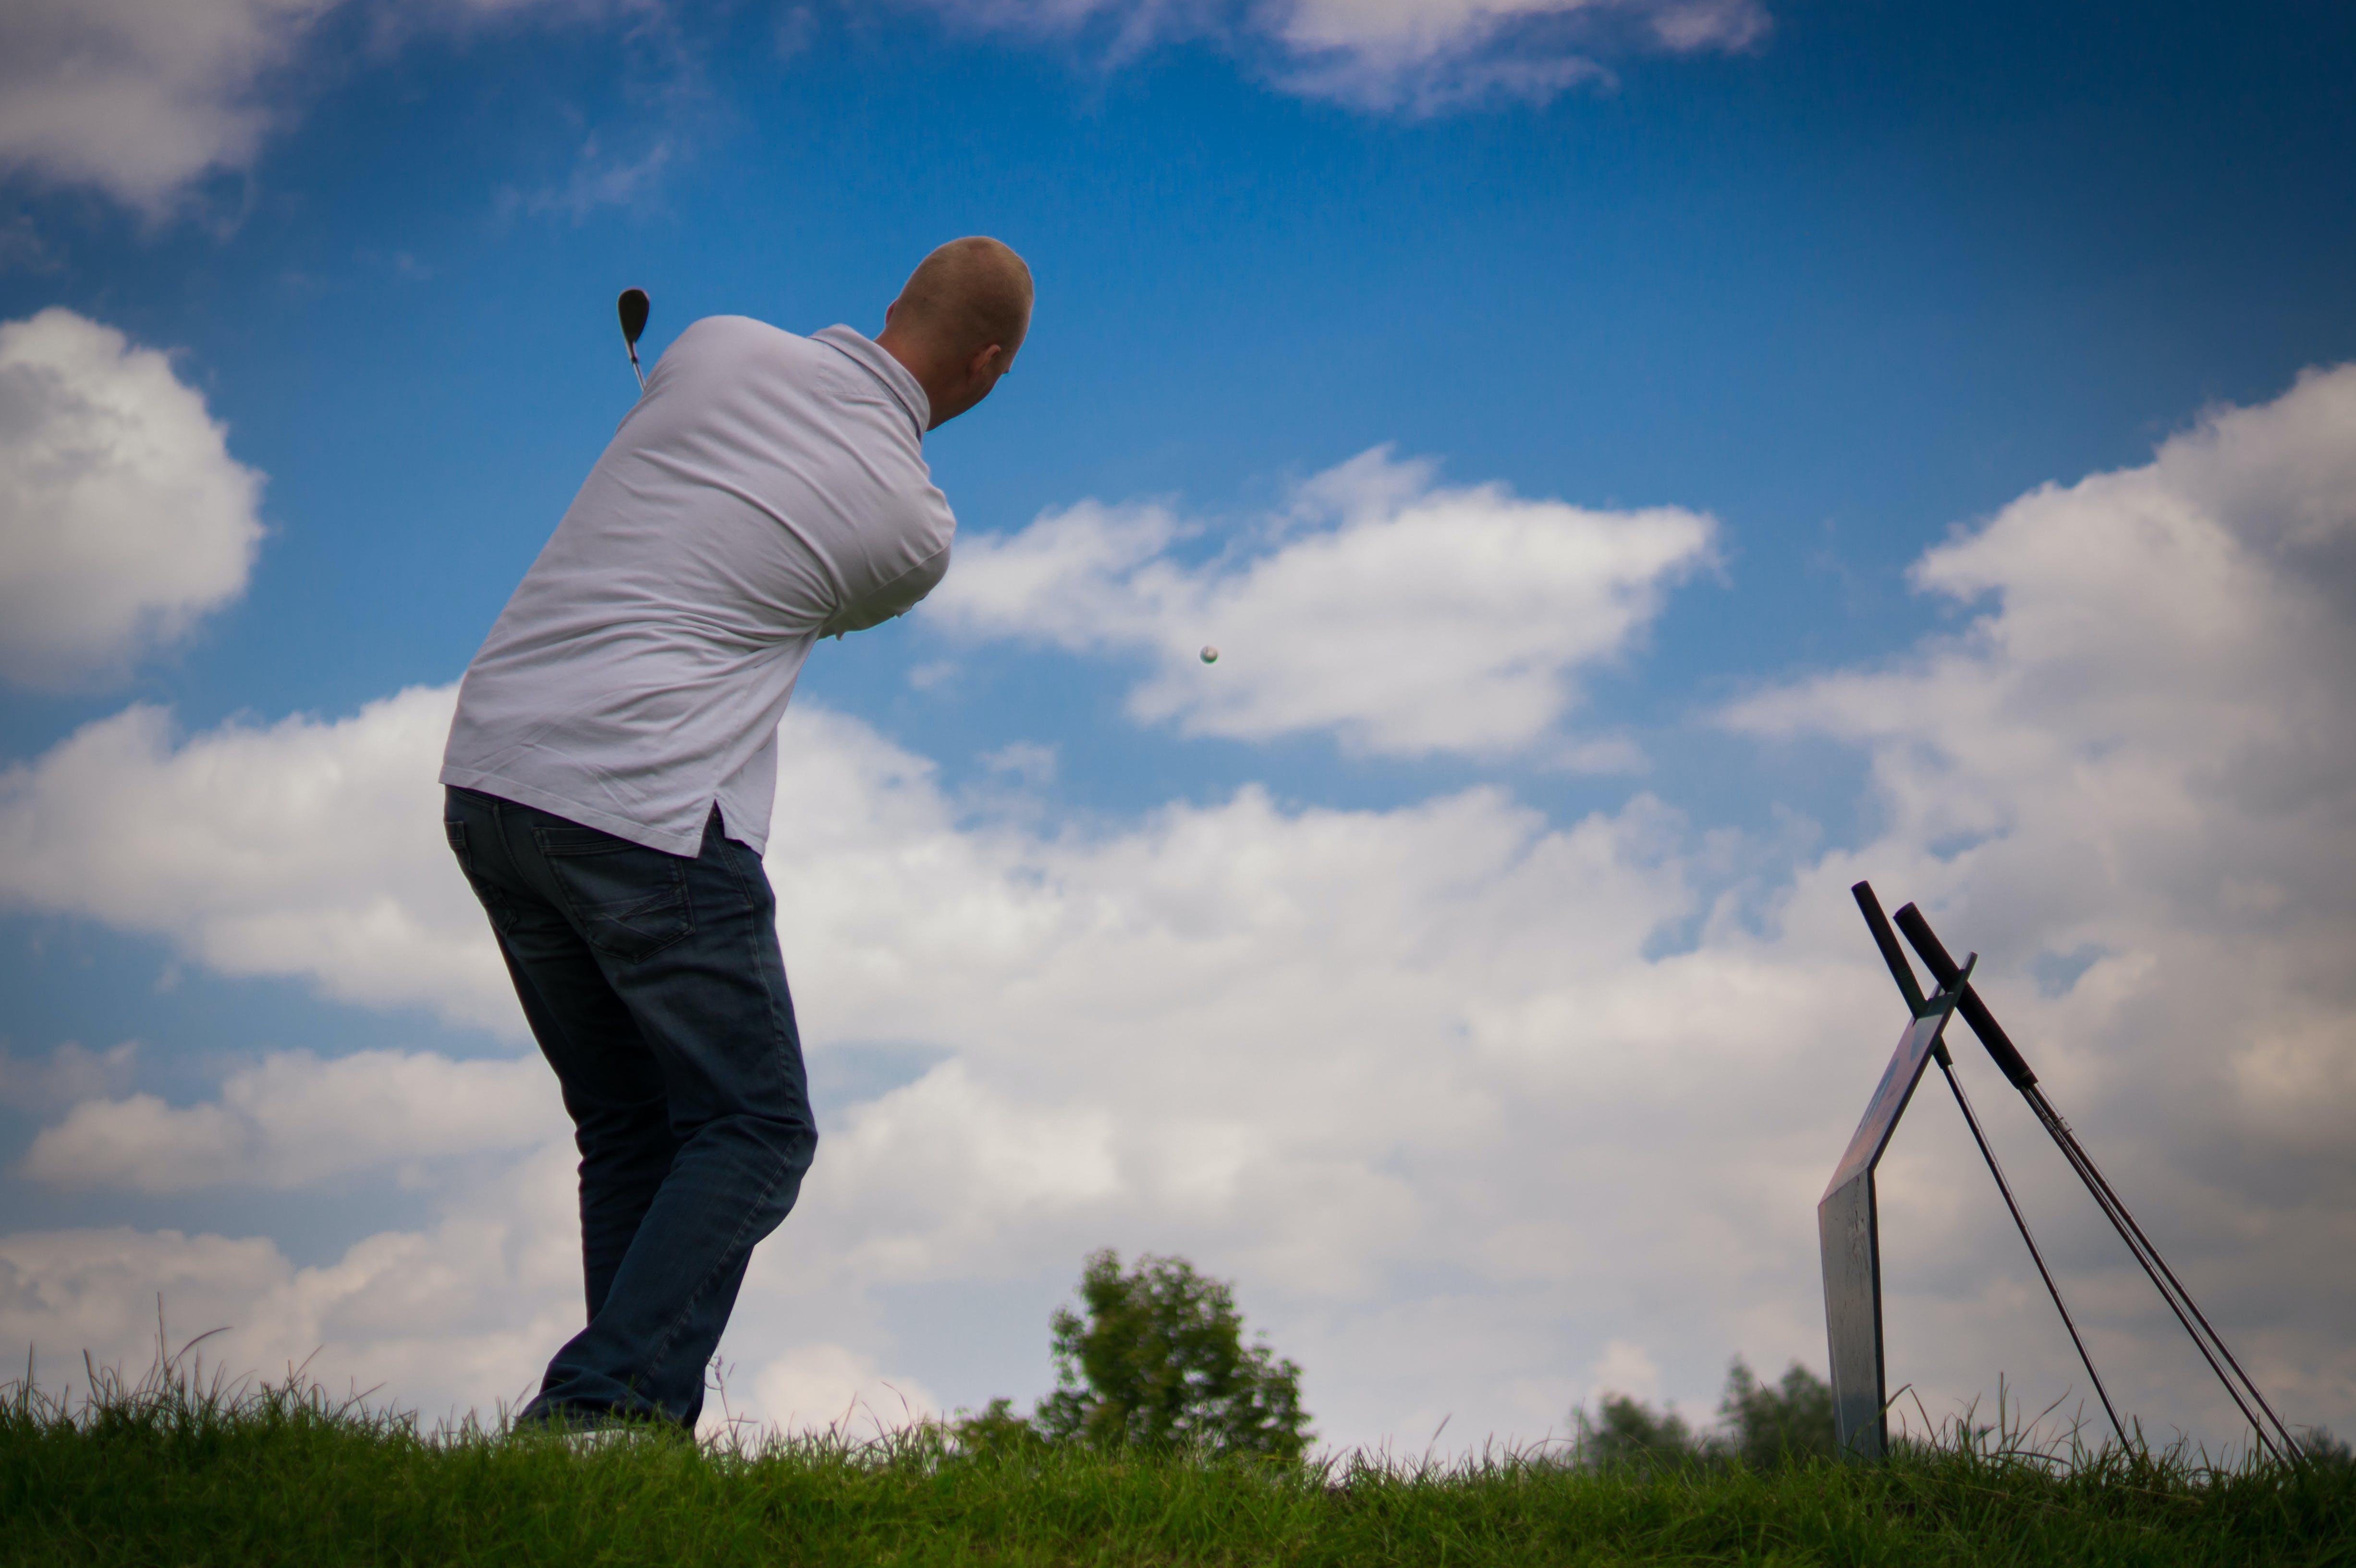 Man Striking Golf